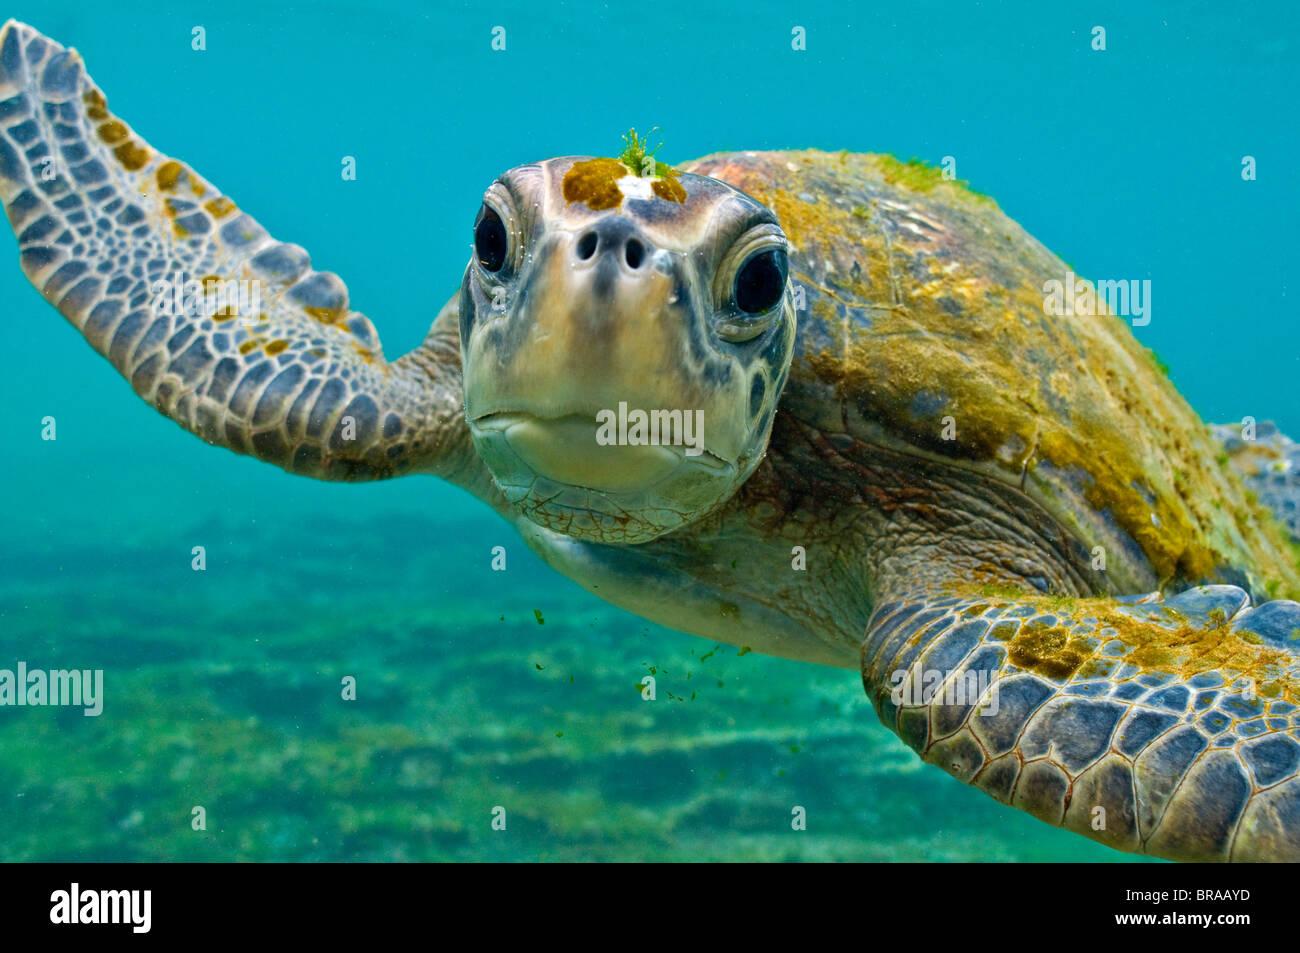 Galápagos, la tortuga verde (Chelonia mydas agassisi) retrato subacuático, observe el cultivo de algas Imagen De Stock